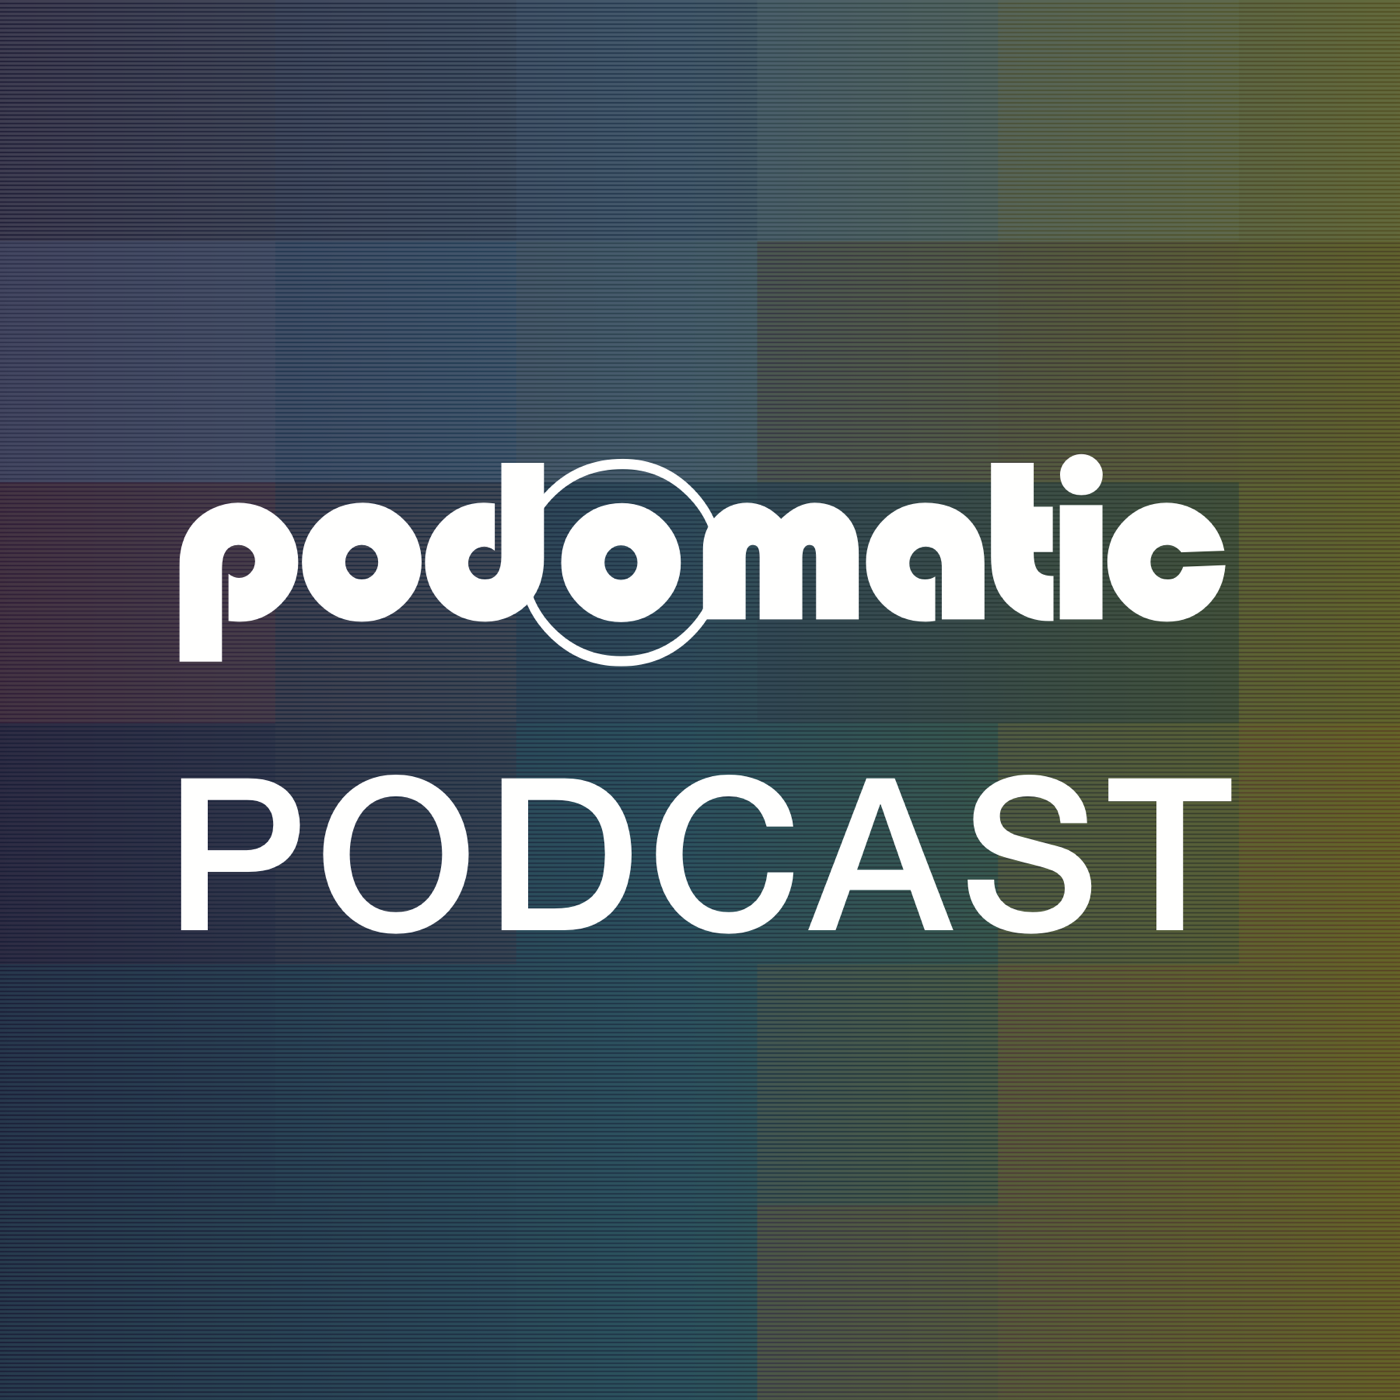 RedgMacc Media's Podcast